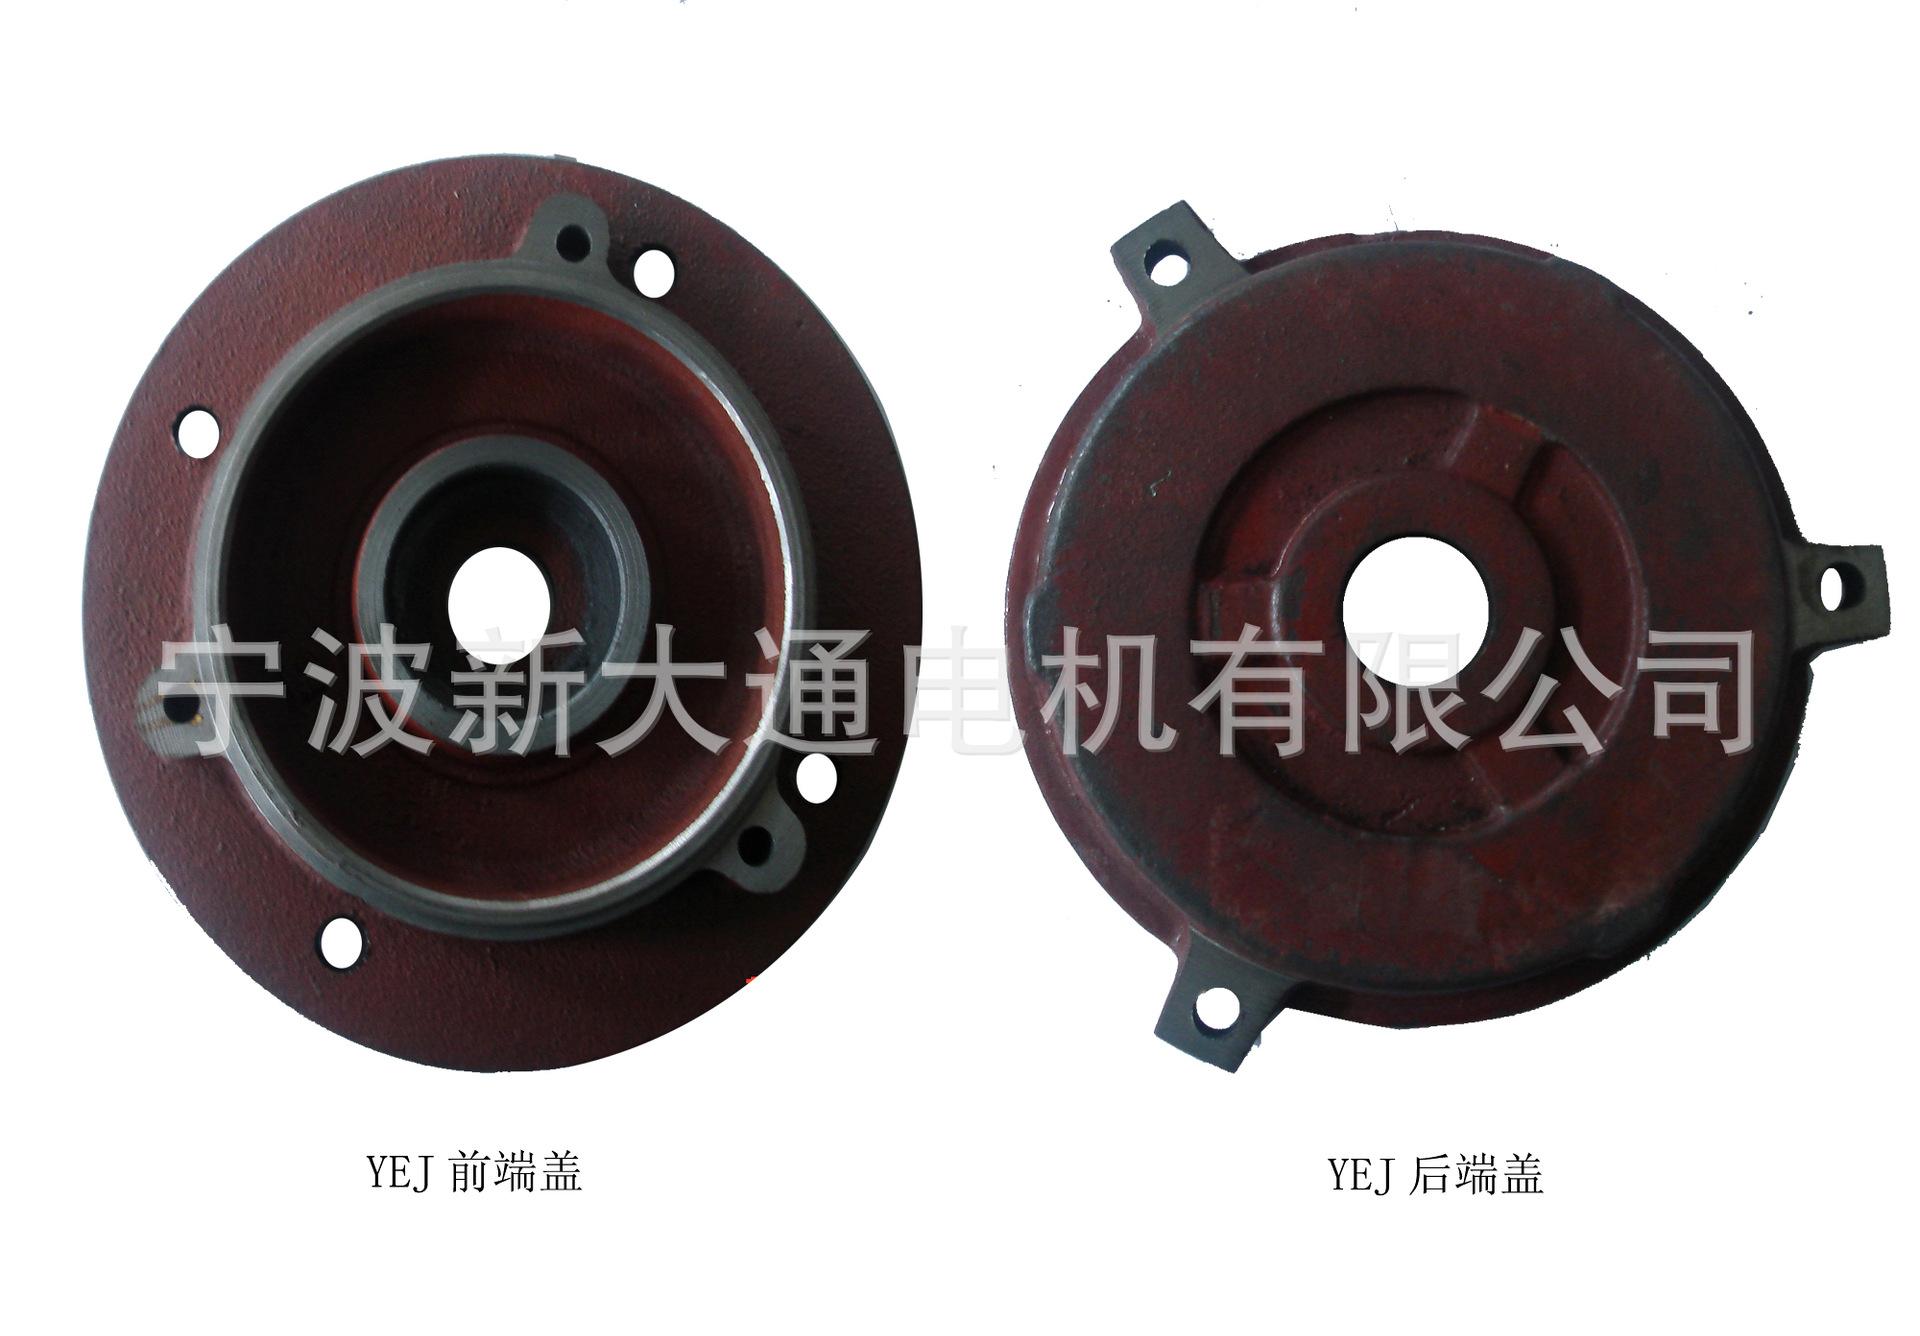 厂家直销配件 YEJ80前端盖、后端盖配件销售